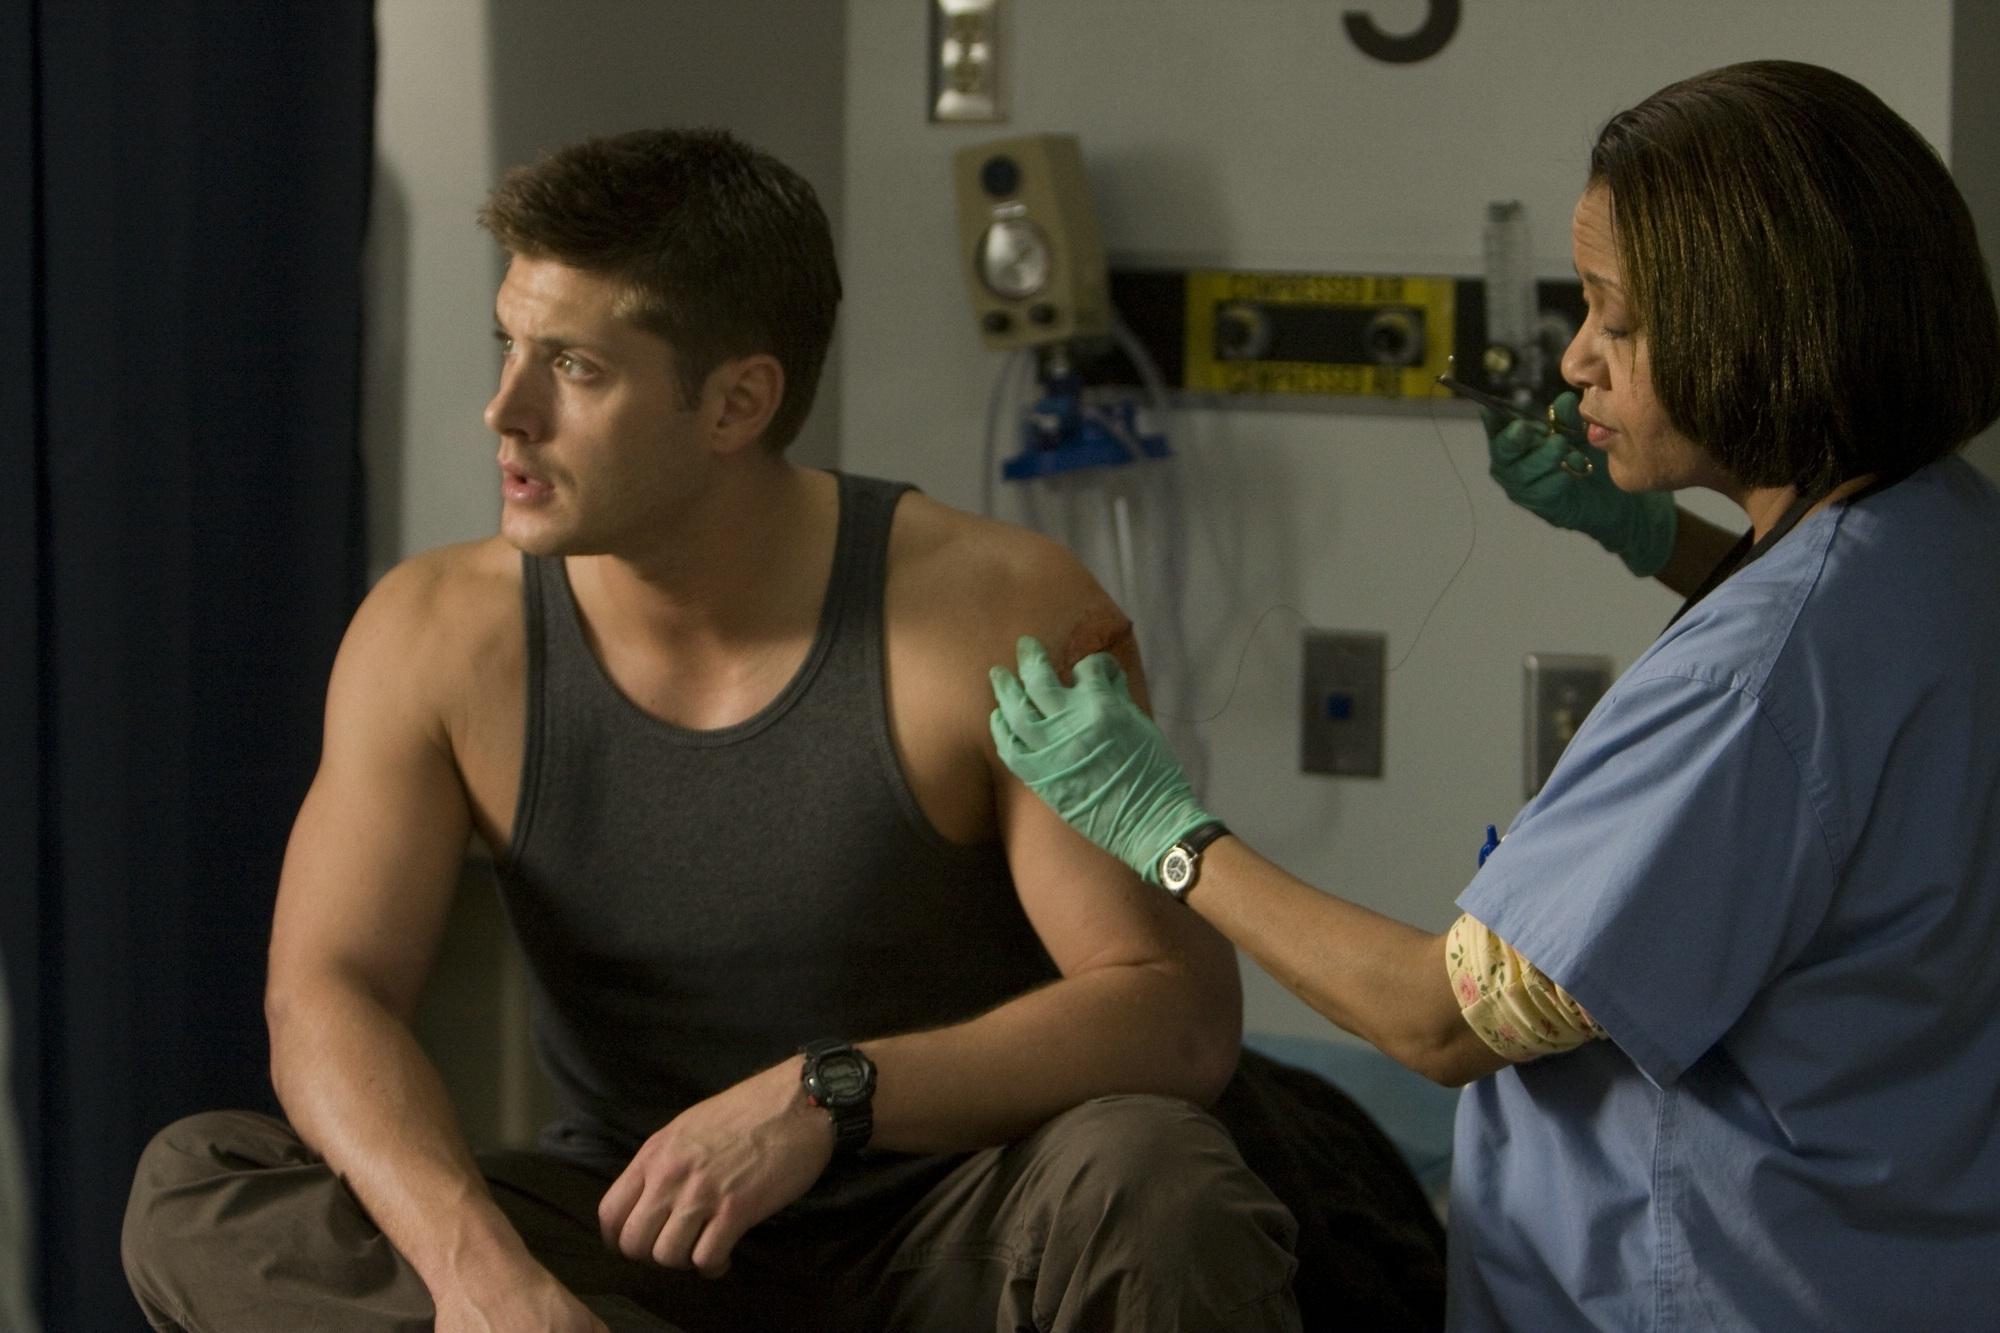 اهنگ زنگ گیم اف ترونز Actor Jensen Ackles 14 Male Celeb News